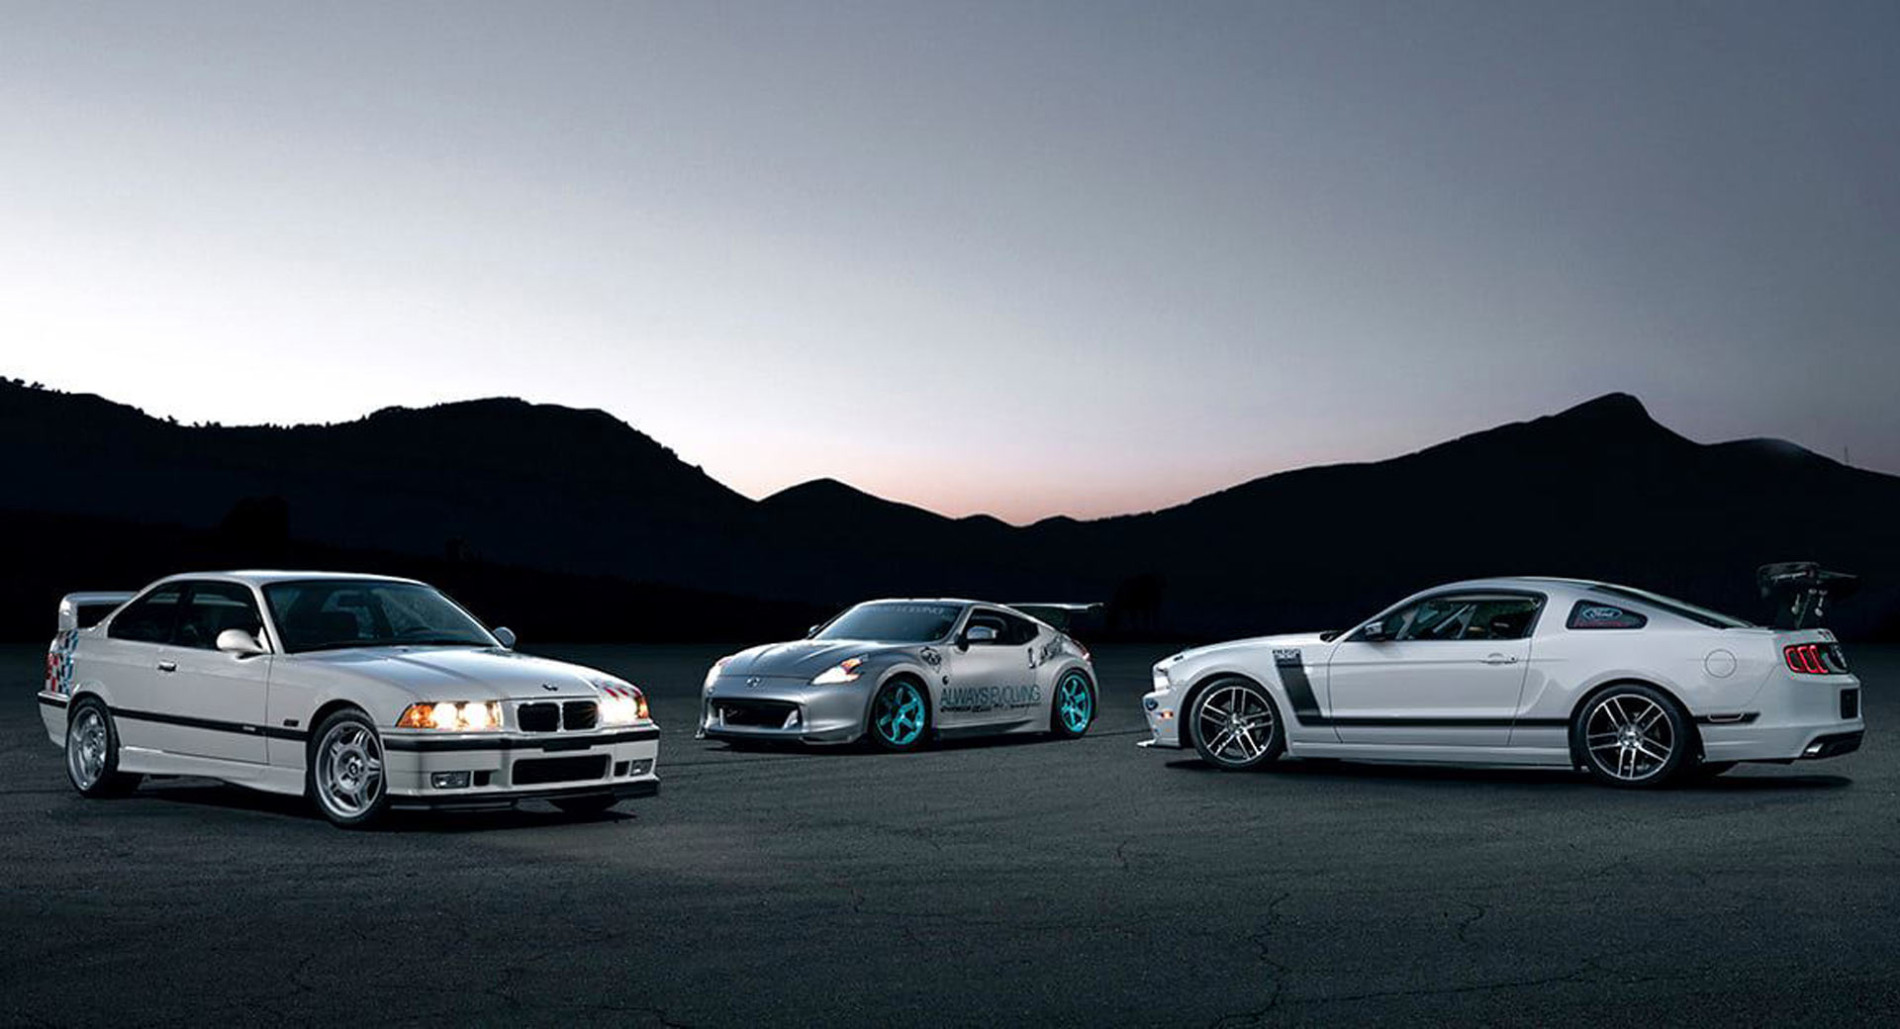 BMW M3 E36 Lightweight - BMW M3 E36 Lightweight